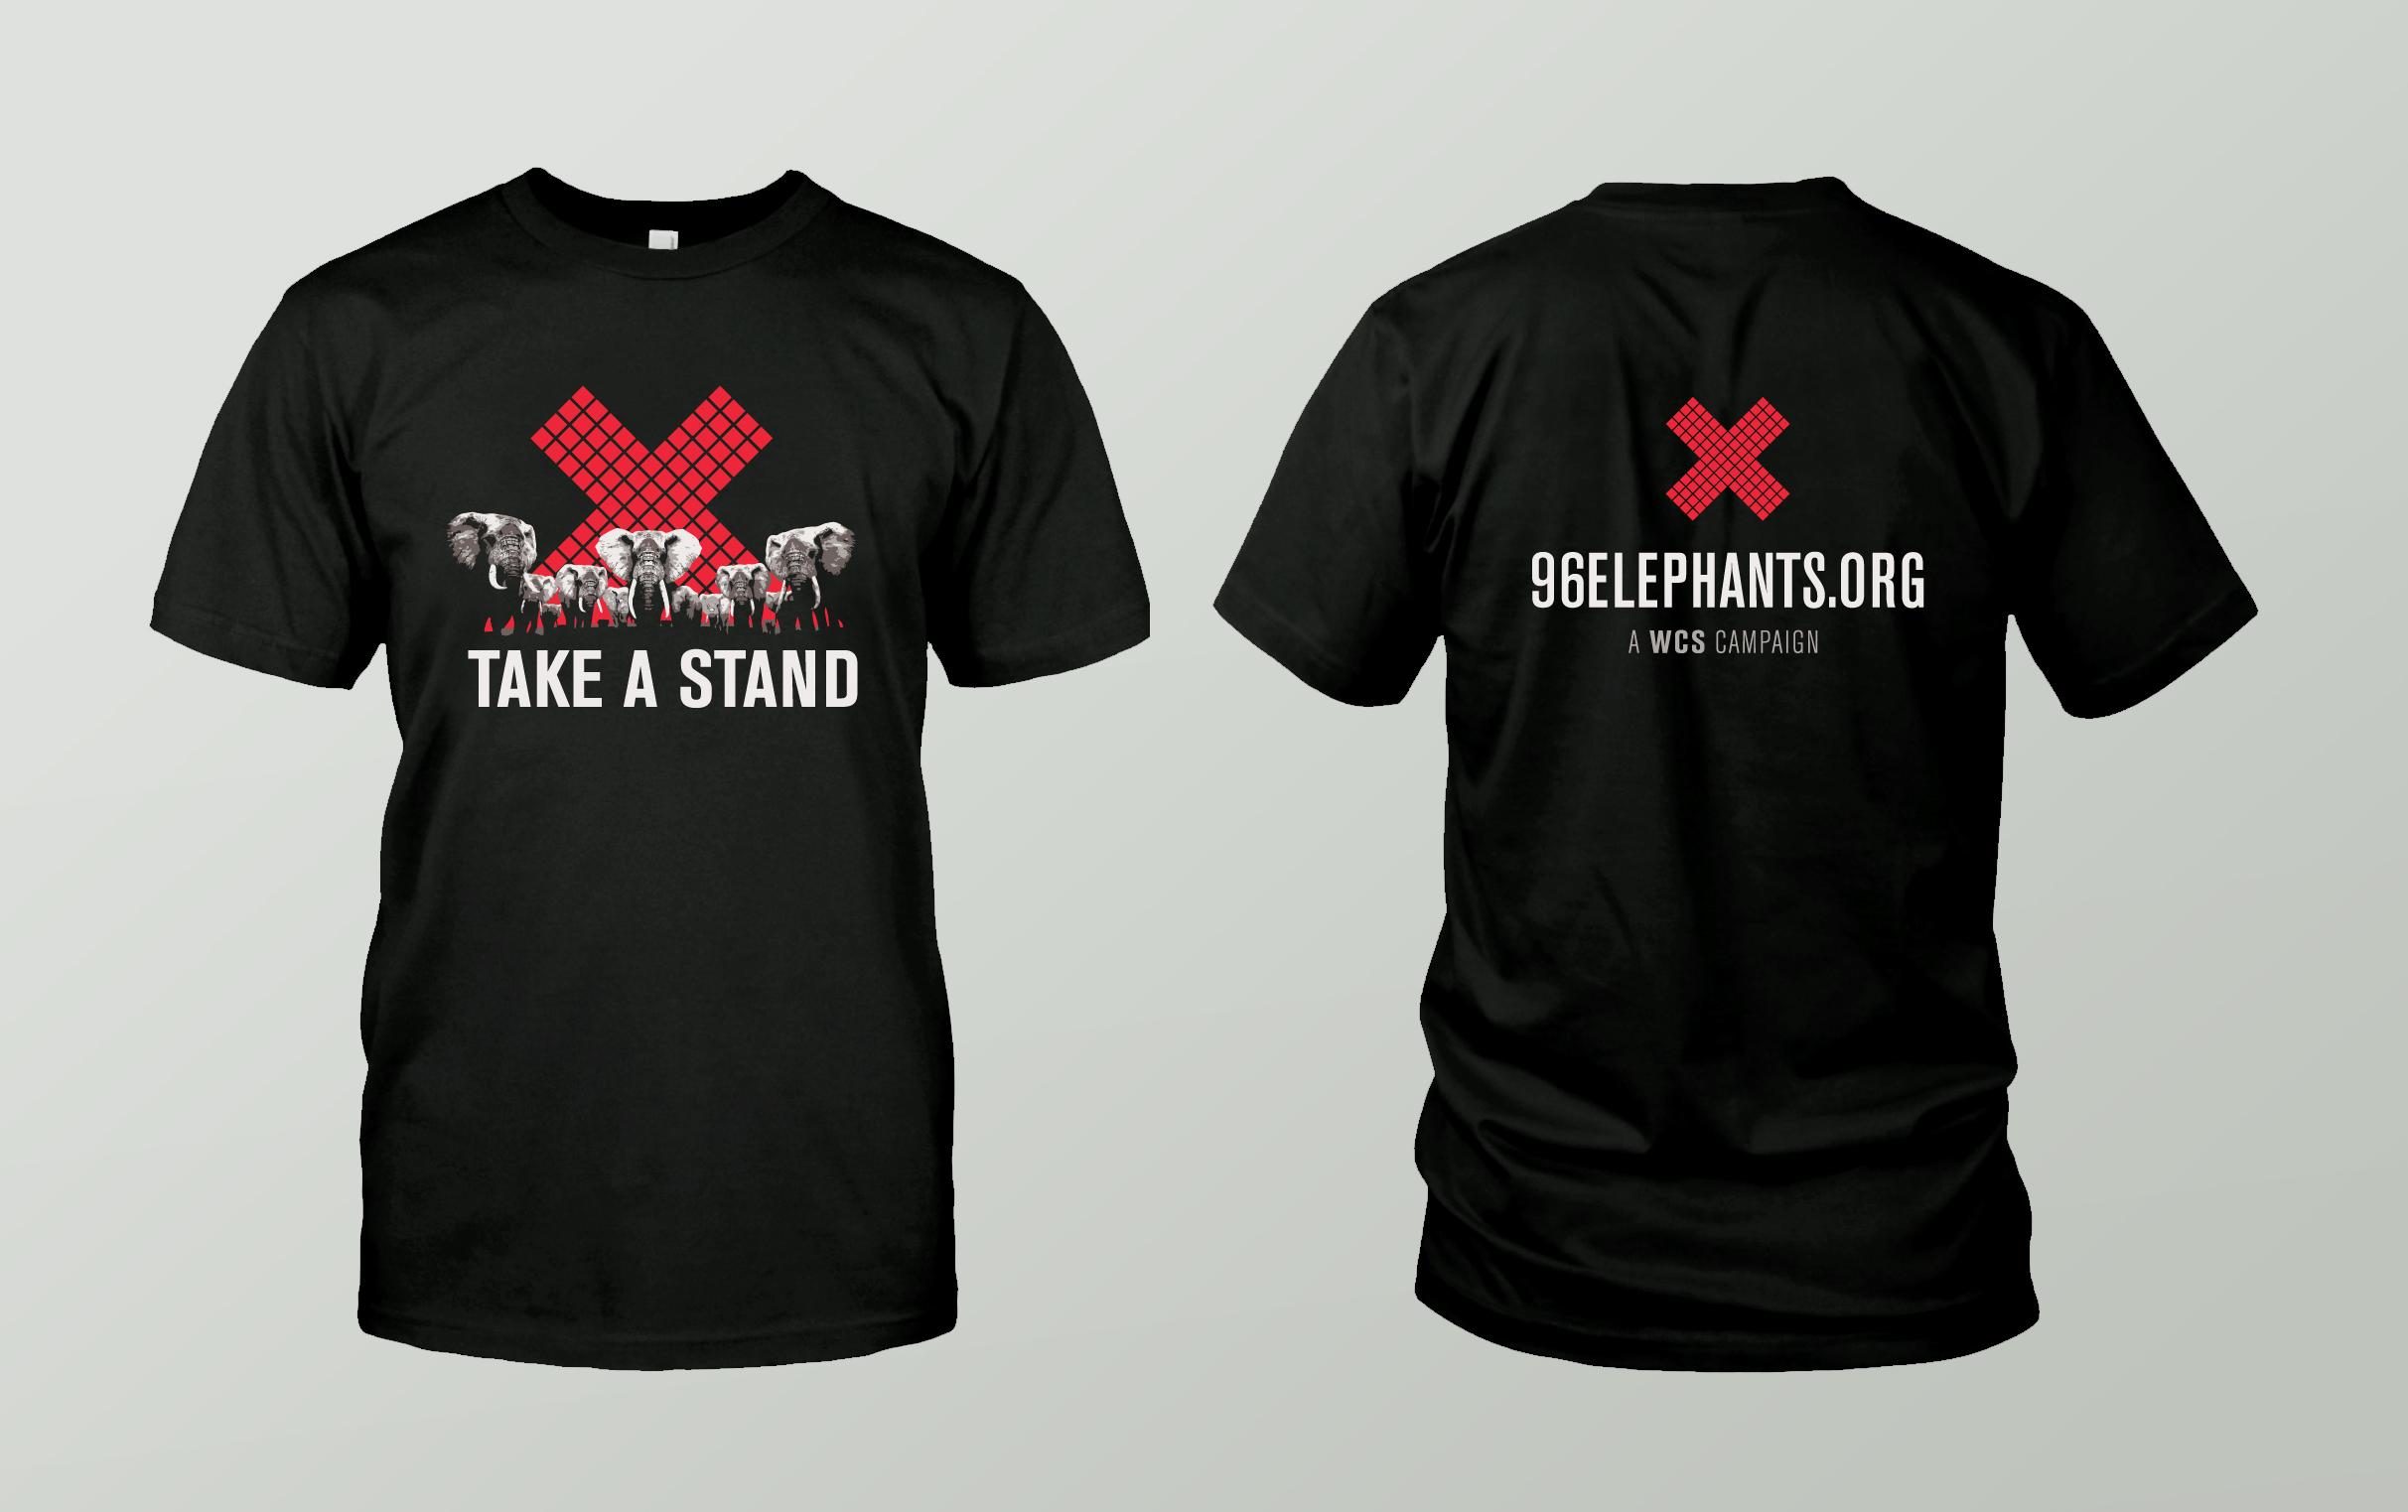 Take a Stand for Elephants Shirt